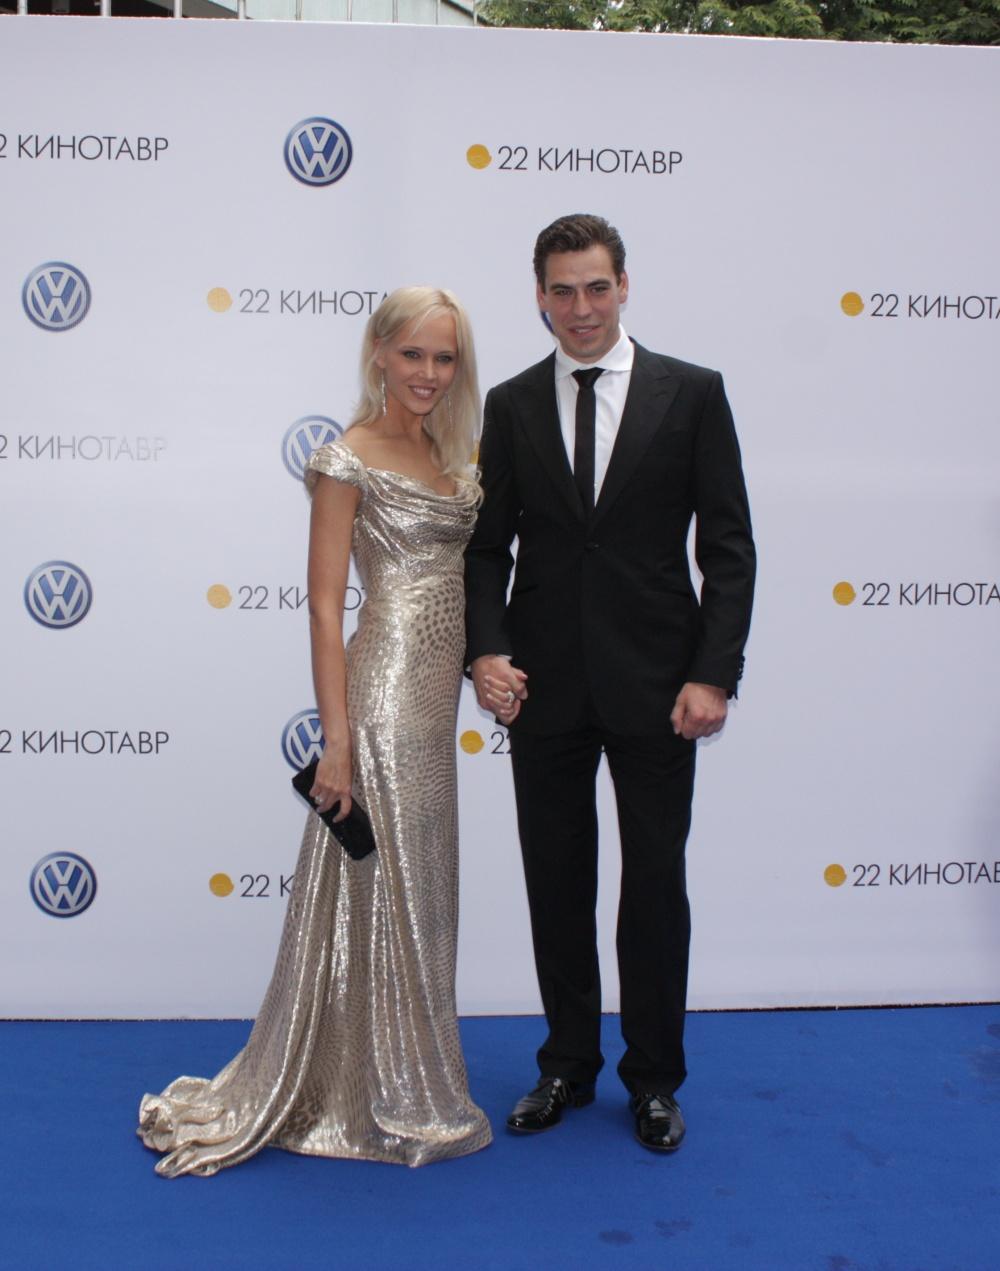 Дмитрий дюжев и его свадьба фото